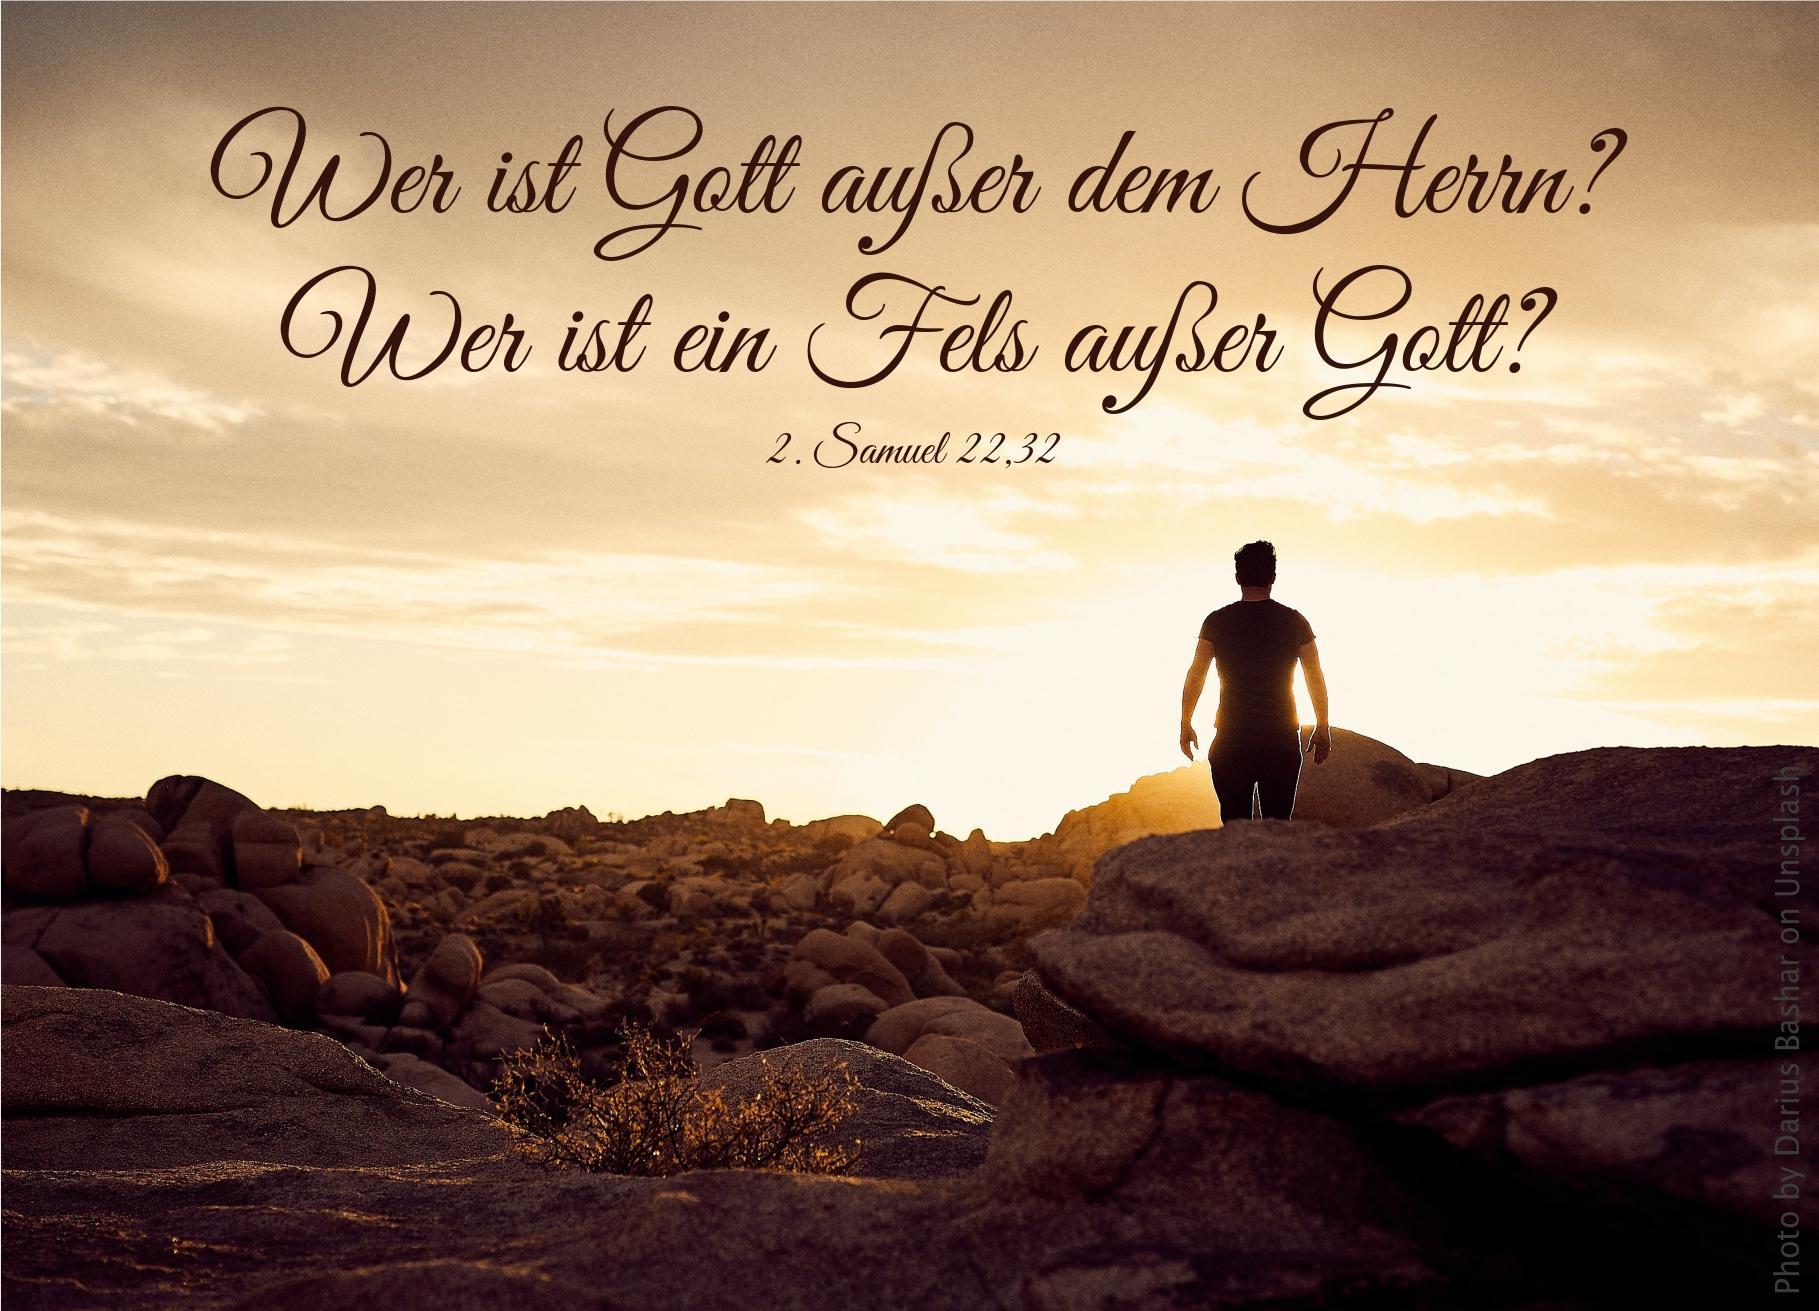 """alt=""""mann_in_felsenwueste_bei_sonnenaufgang_erwartet_bibelhoerbuch_verfolgung_der_glaeubigen"""""""